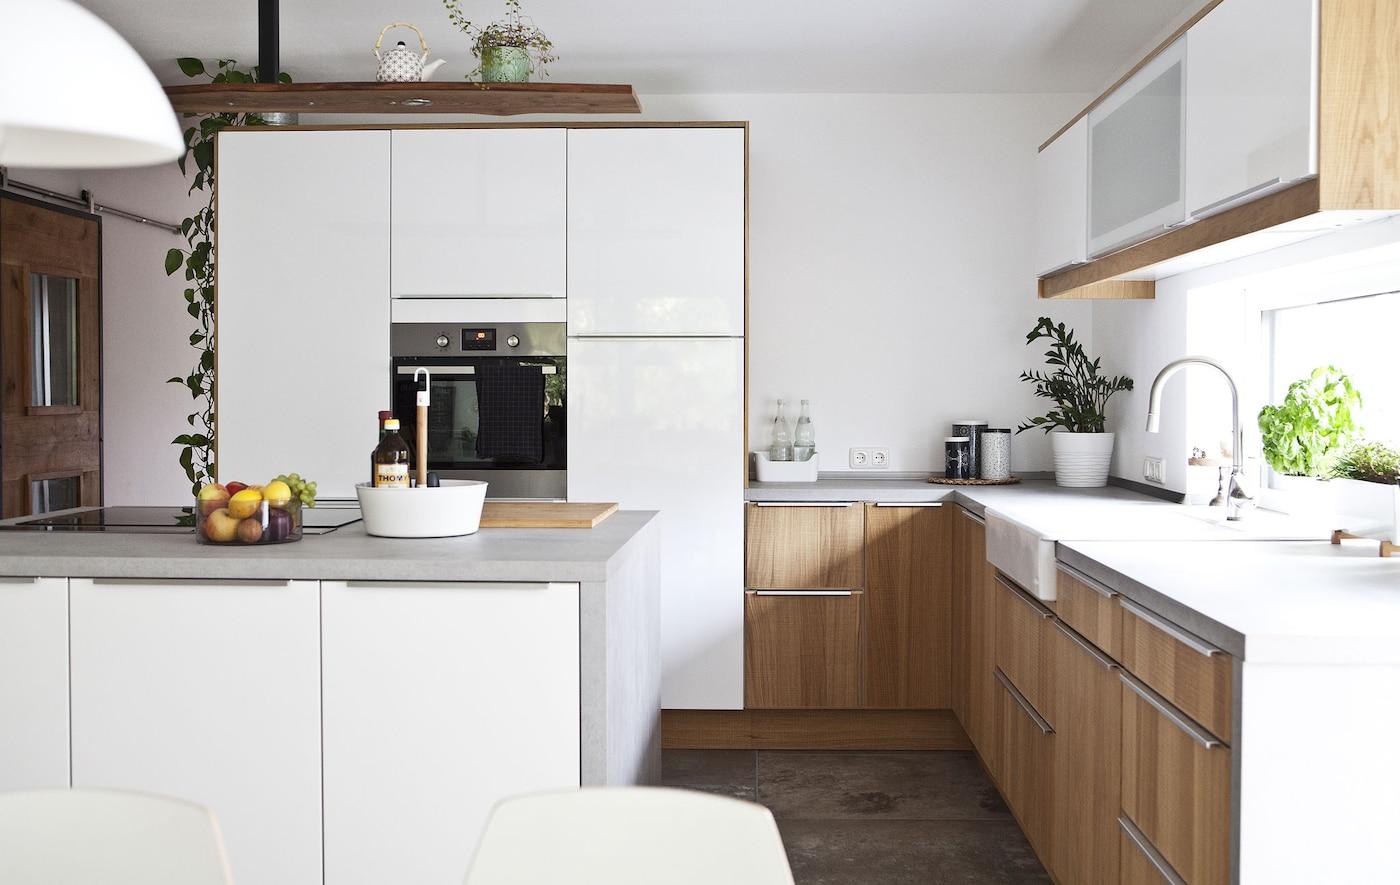 Gestaltungs- und Organisationstipps für die Küche.